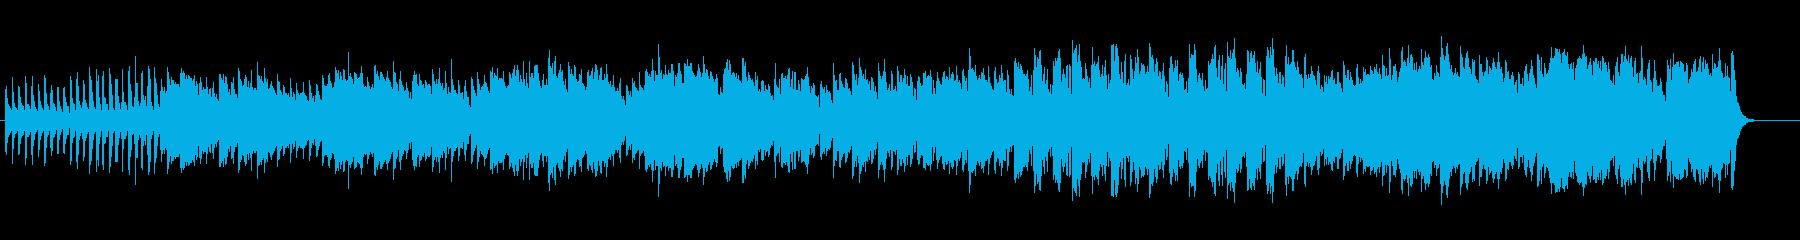 アカデミッククラシカルイージーリスニングの再生済みの波形